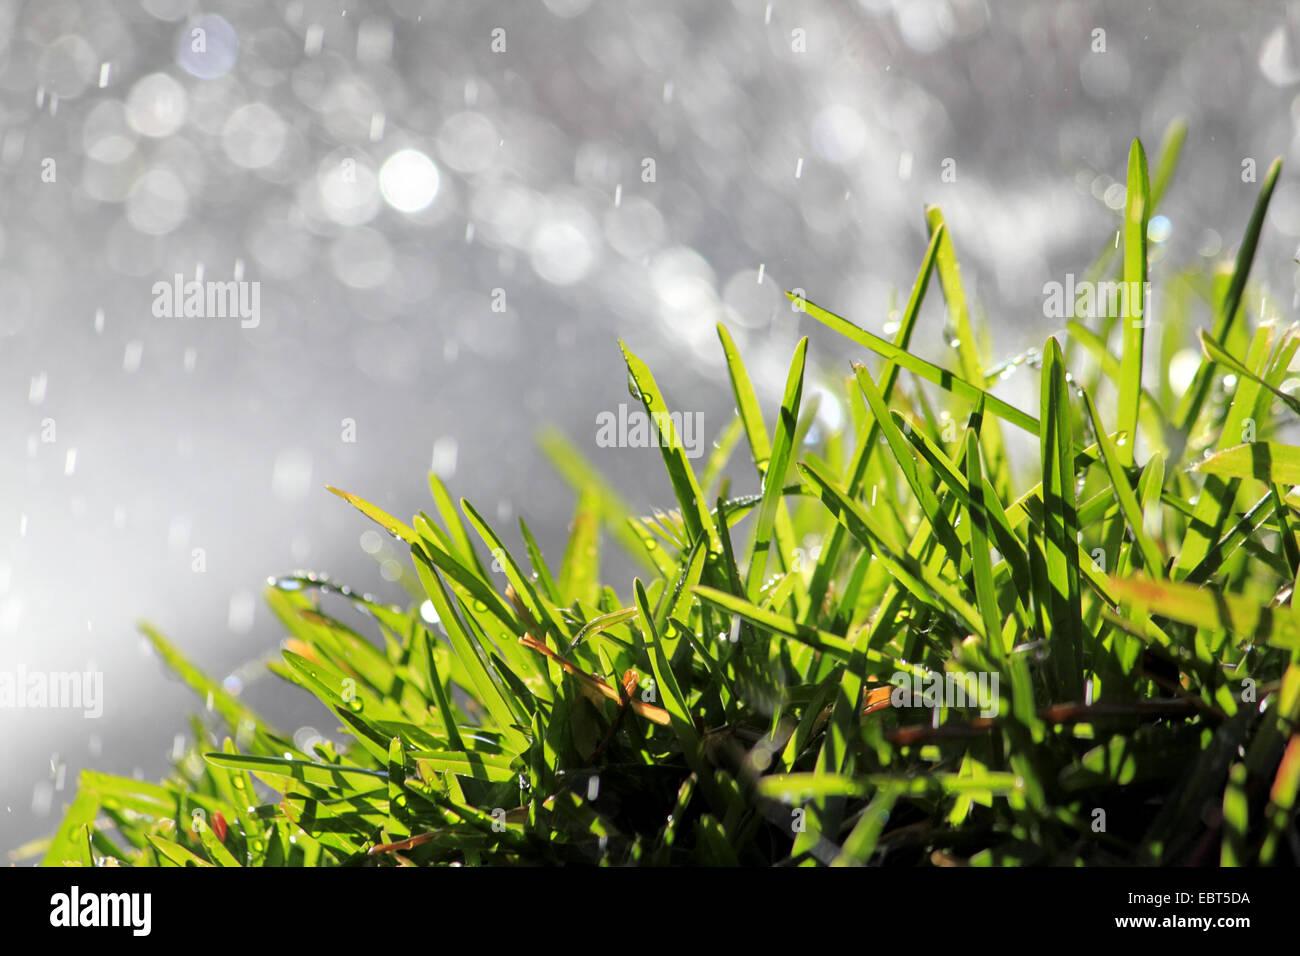 La pasto verde en la lluvia y retroiluminación, Alemania Foto de stock